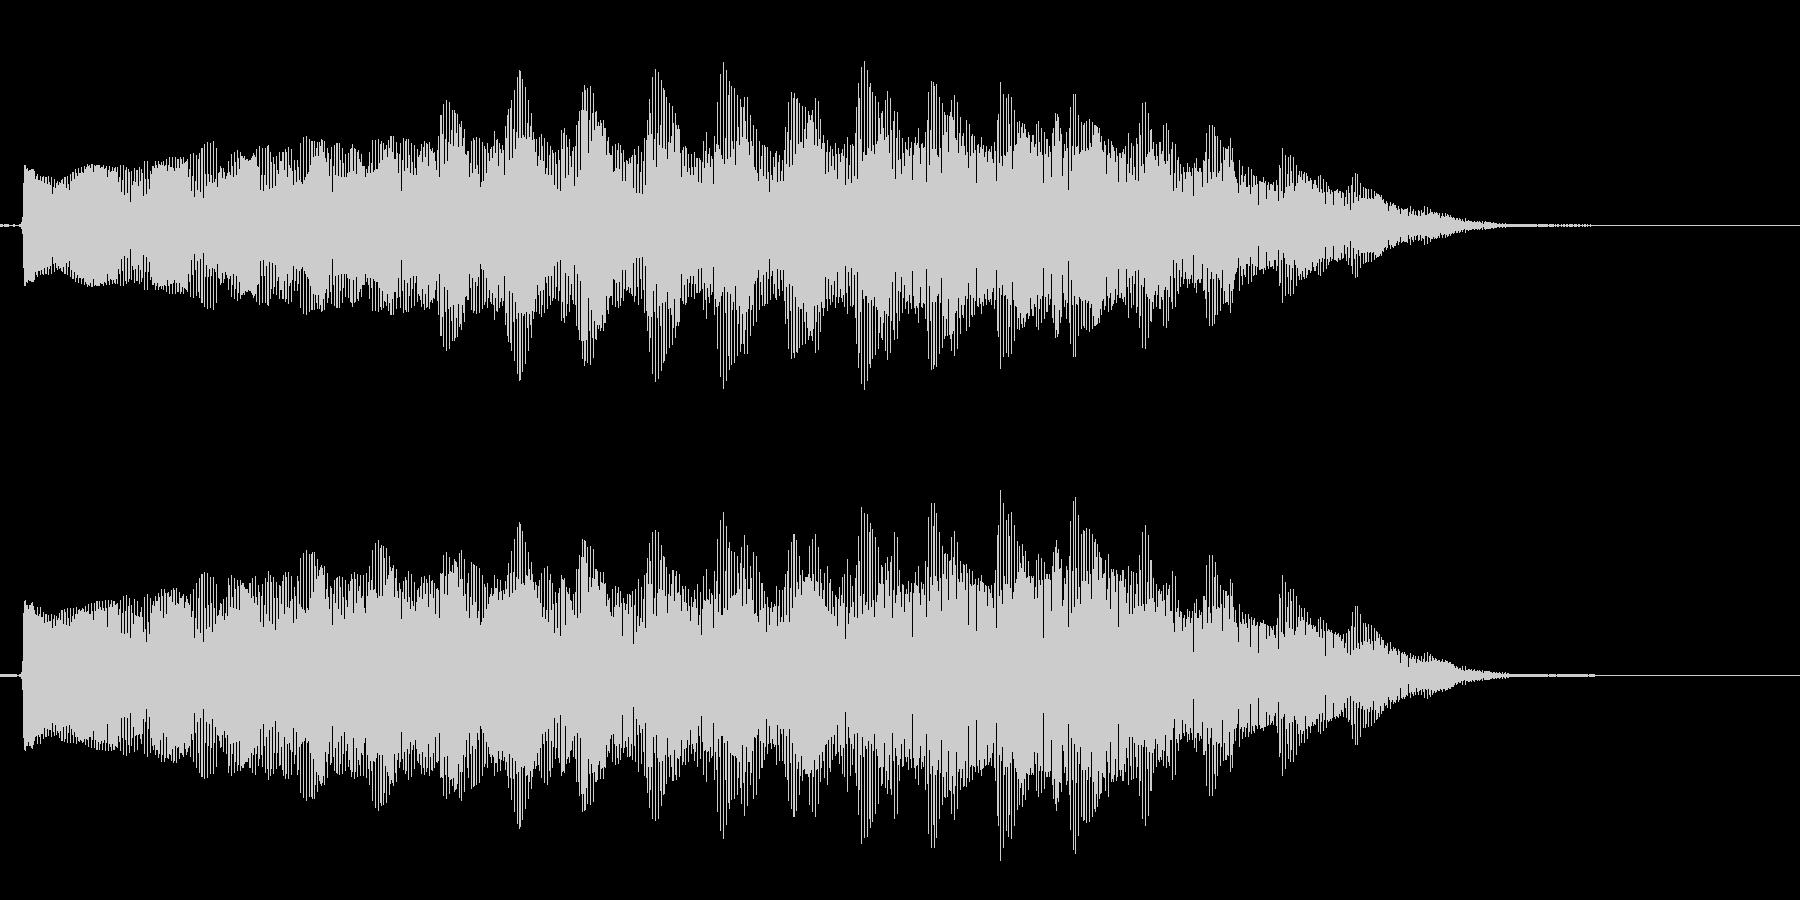 重低音 オルガン トレモロ音 ブンブンの未再生の波形